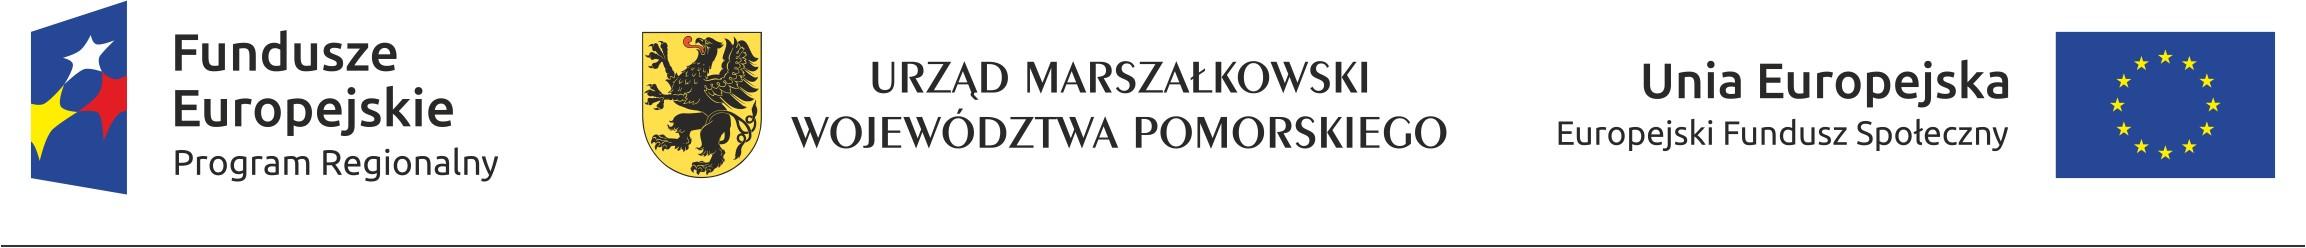 - logo_gmina_osiek_bystre_przedszkolaki.jpg